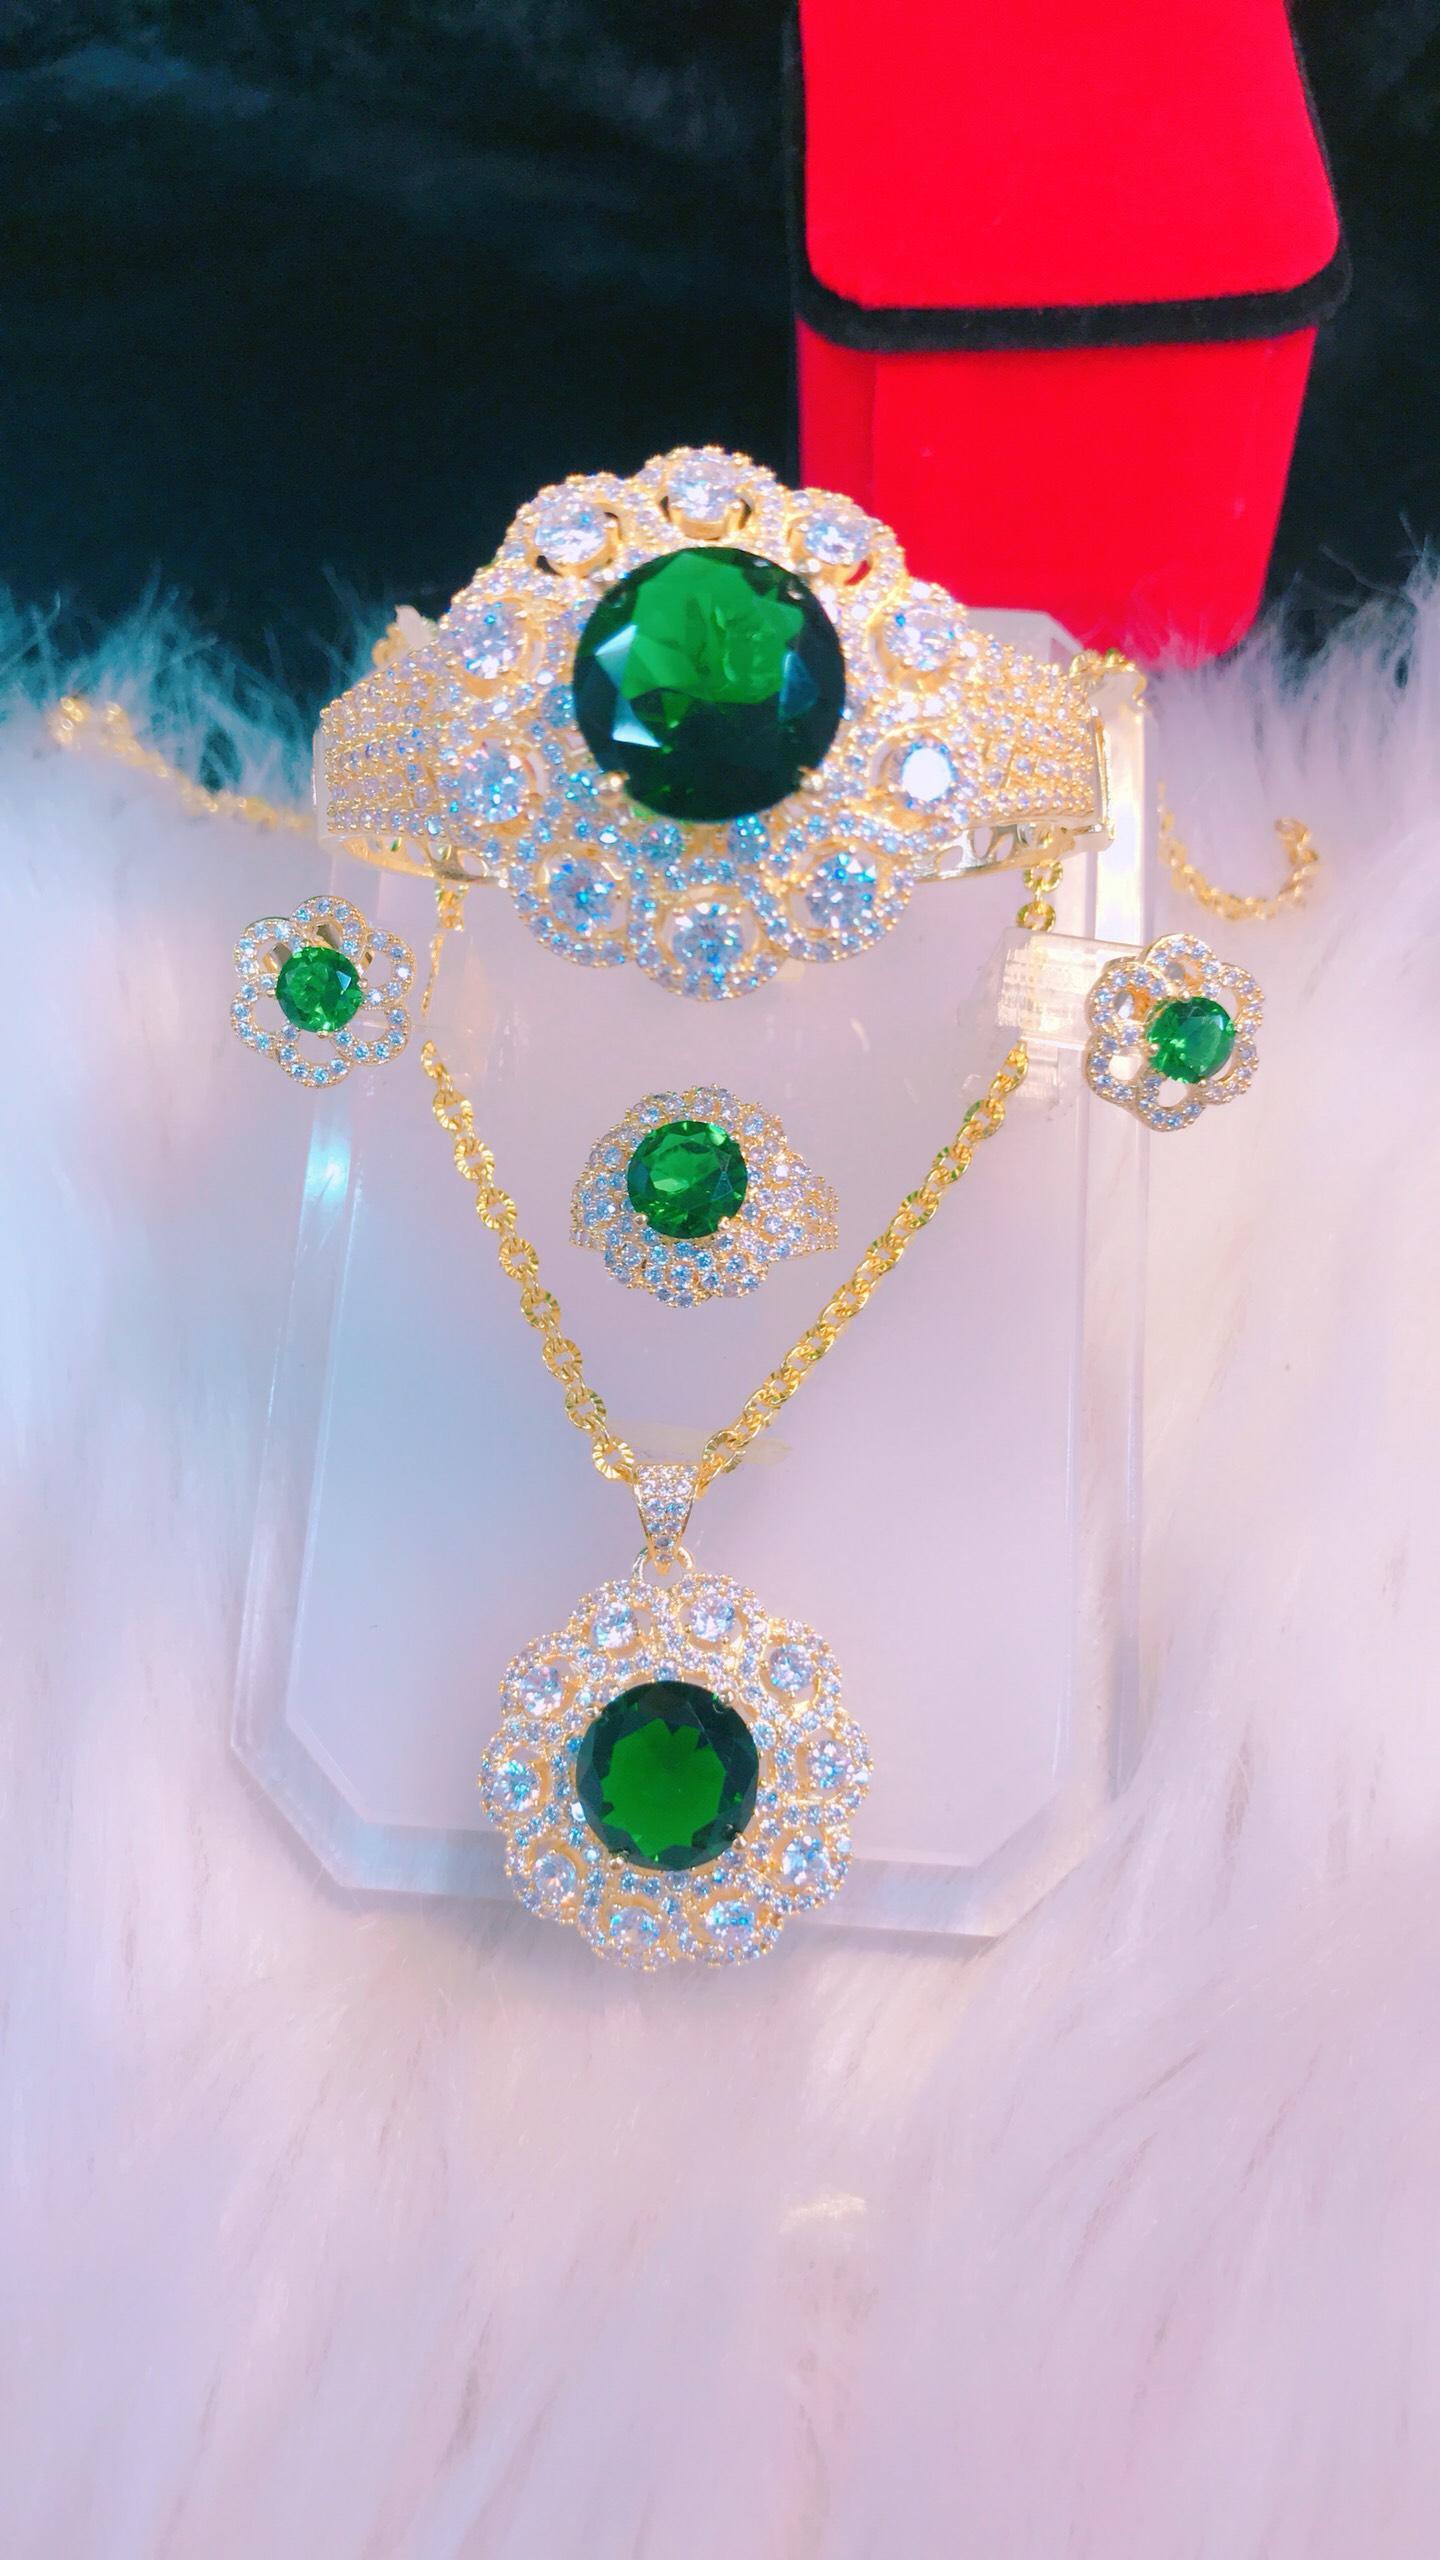 [ Bộ Trang Sức Nữ Đẹp - Bền Màu, Cam Kết Không Đen] Thiết Kế Sang Trọng Phù Hợp Với Mọi Lứa Tuổi, Đặc Biết Giống Vàng 99% - Givi - VB42605134  trang sức cao cấp , trang sức đá phong thủy , trang sức đồng giá , đồ trang sức nữ , đồ tr